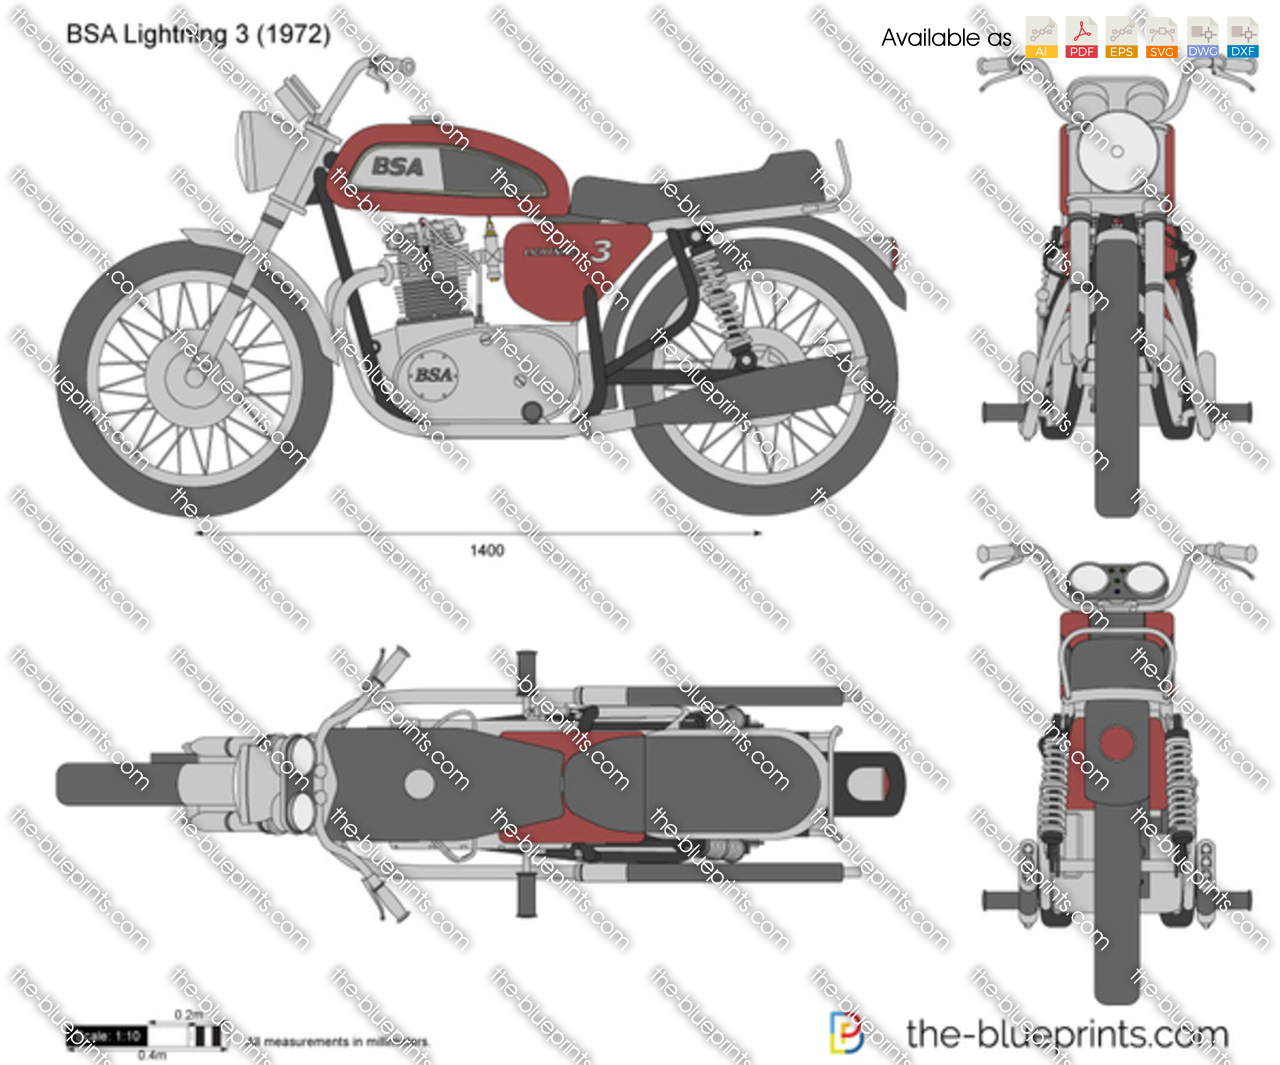 BSA Lightning 3